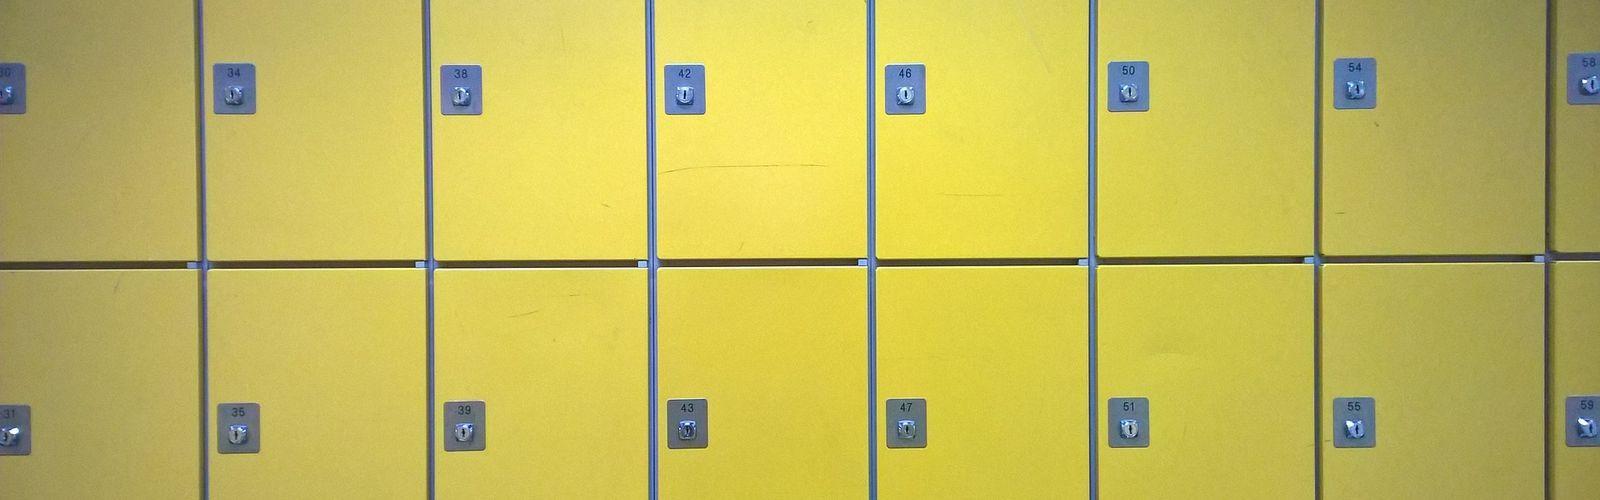 Żółte szafki uczniowskie